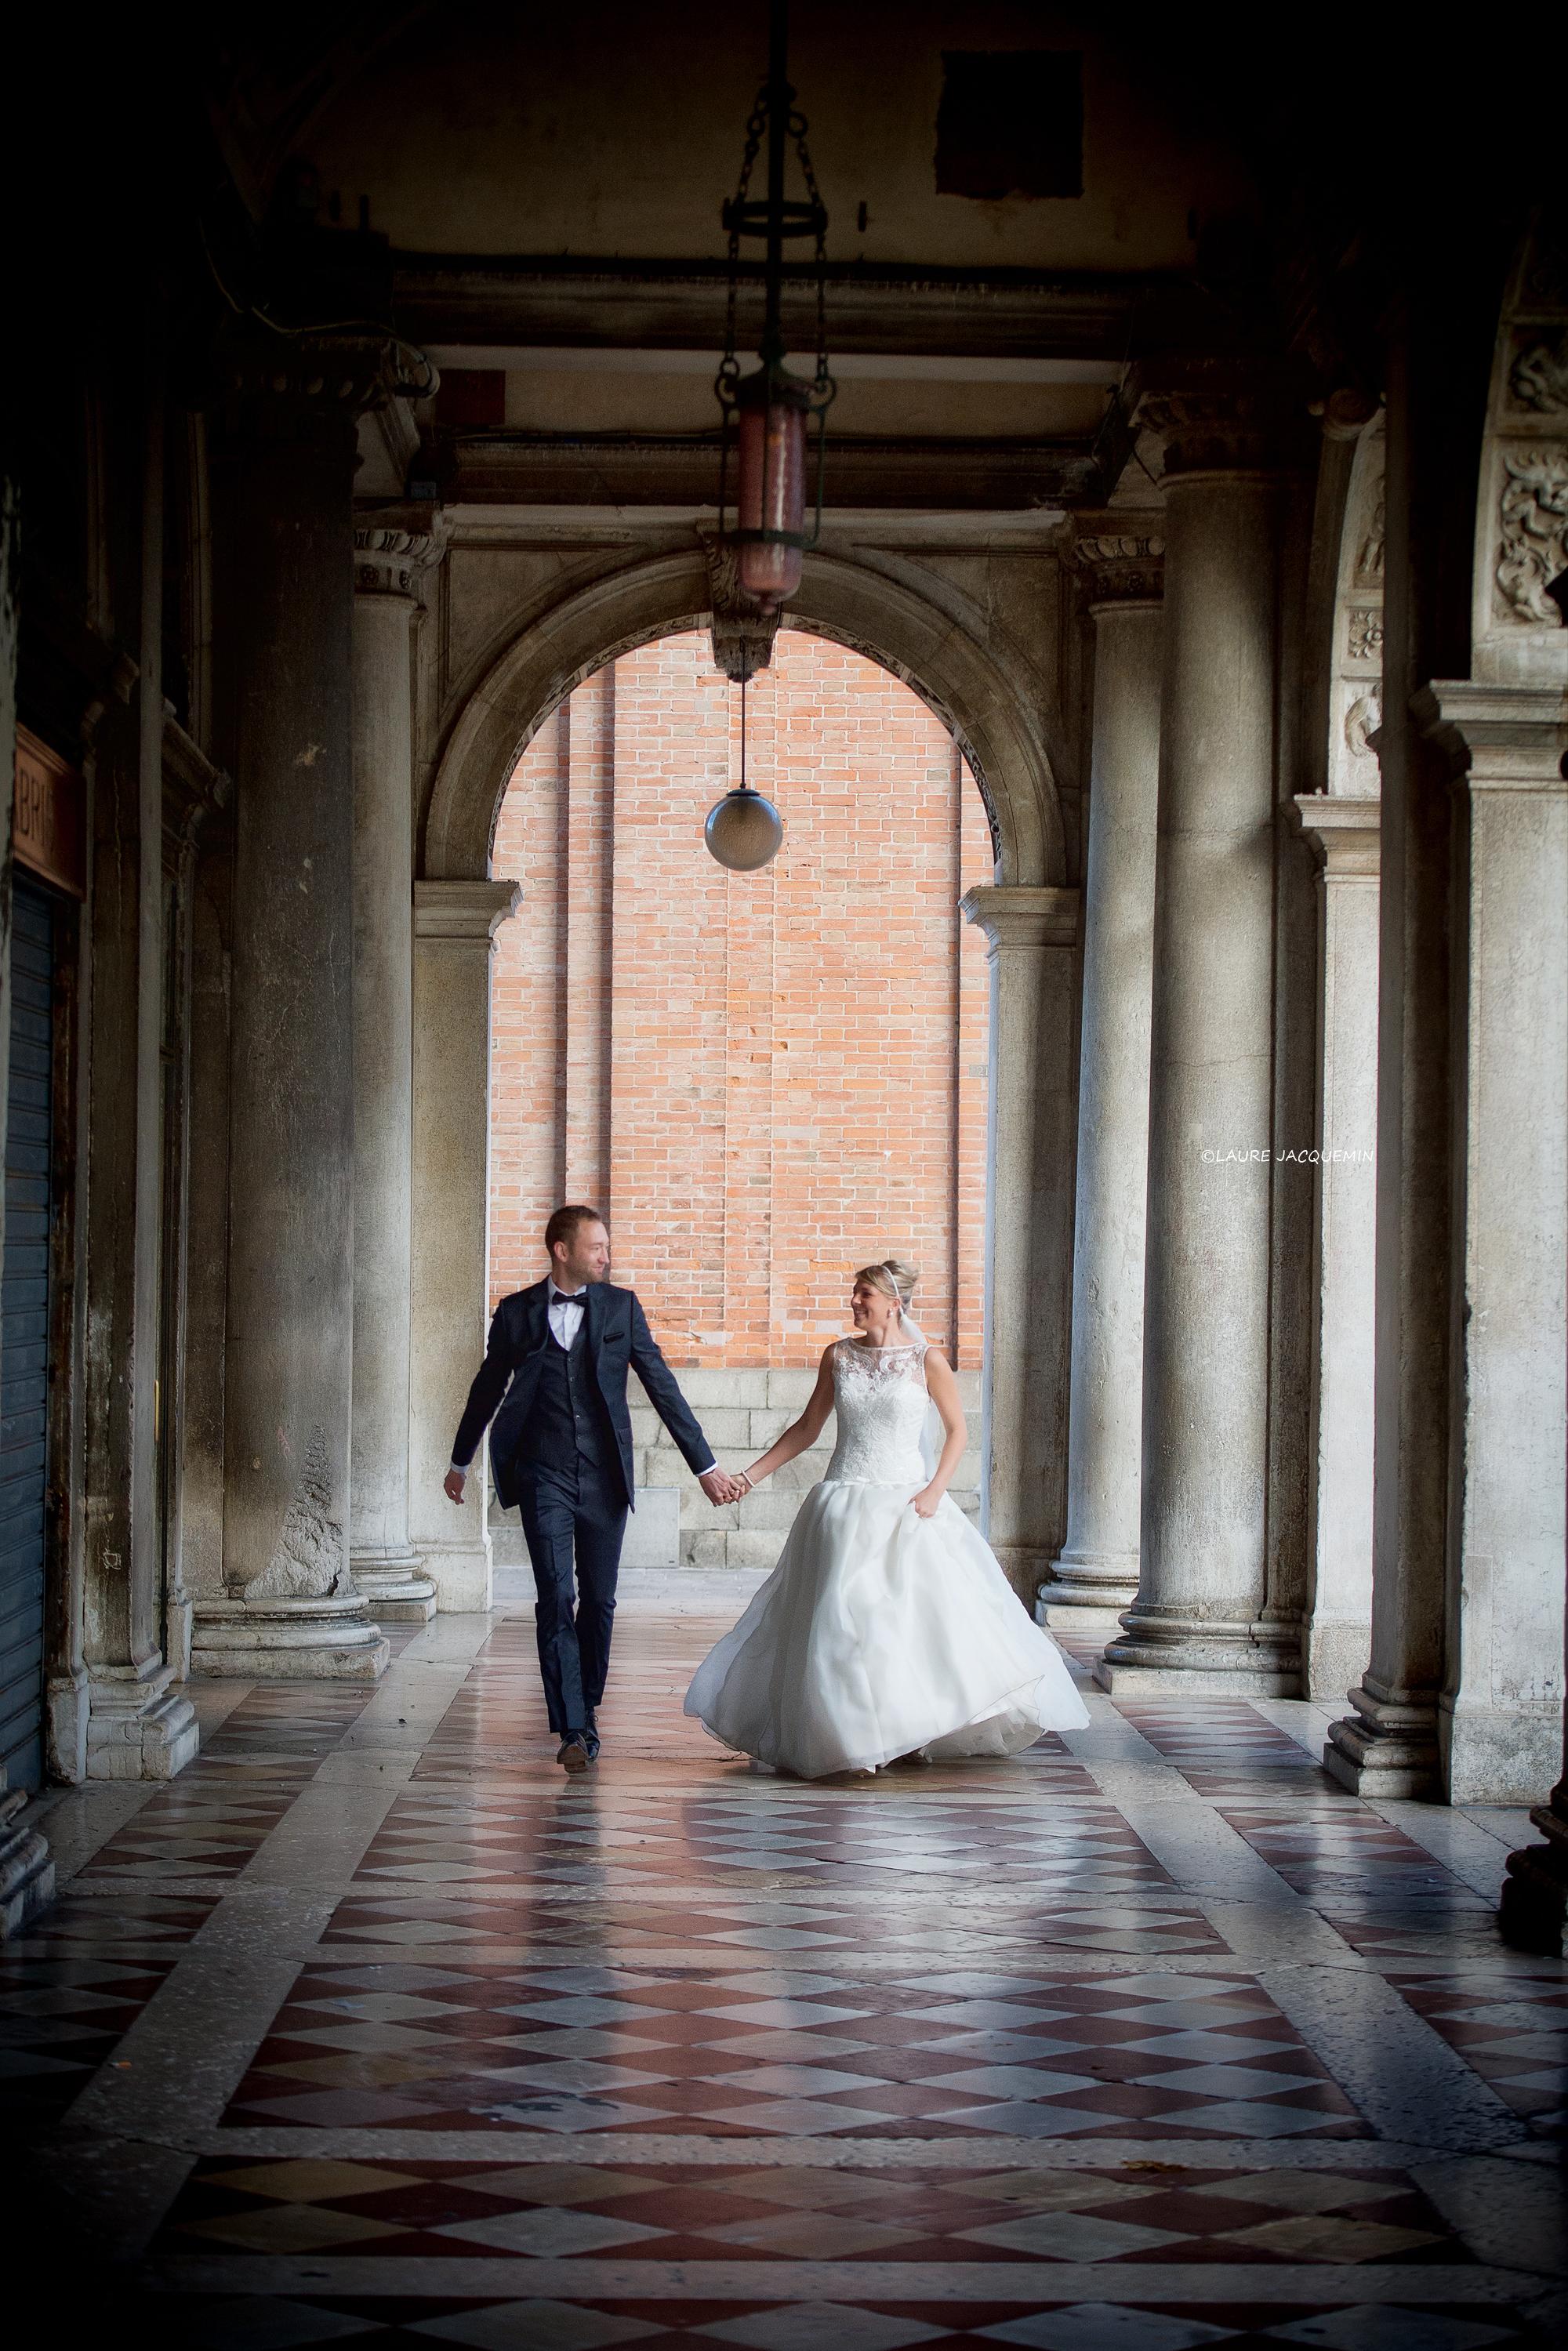 venise mariage photographe laure Jacquemin shooting lune de miel fiancaille couple (32)